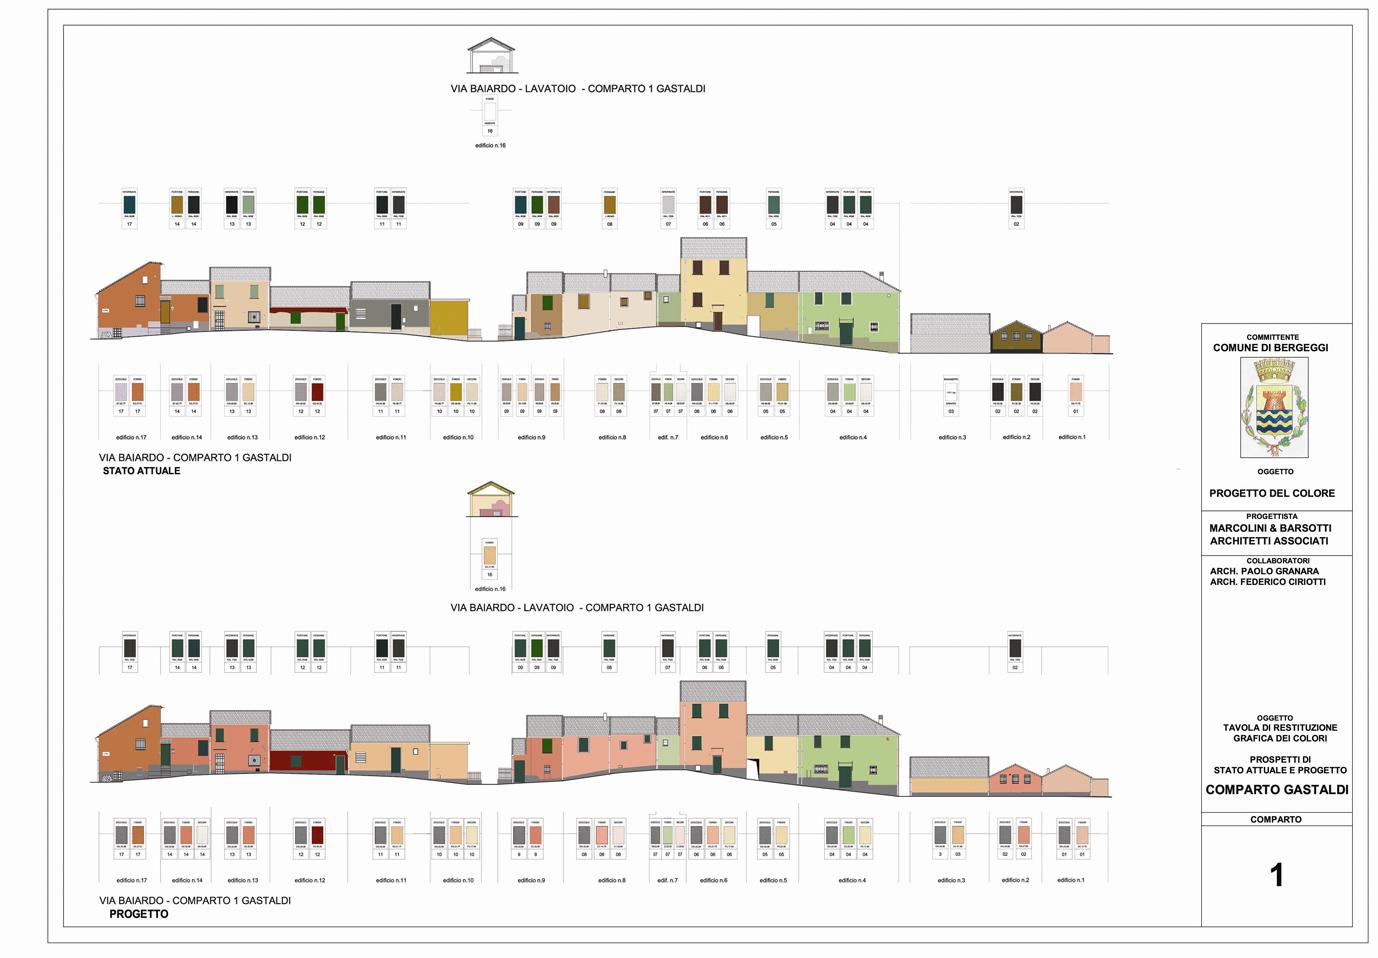 Urbanistica studio di architettura marcolini e barsotti for Programma di architettura